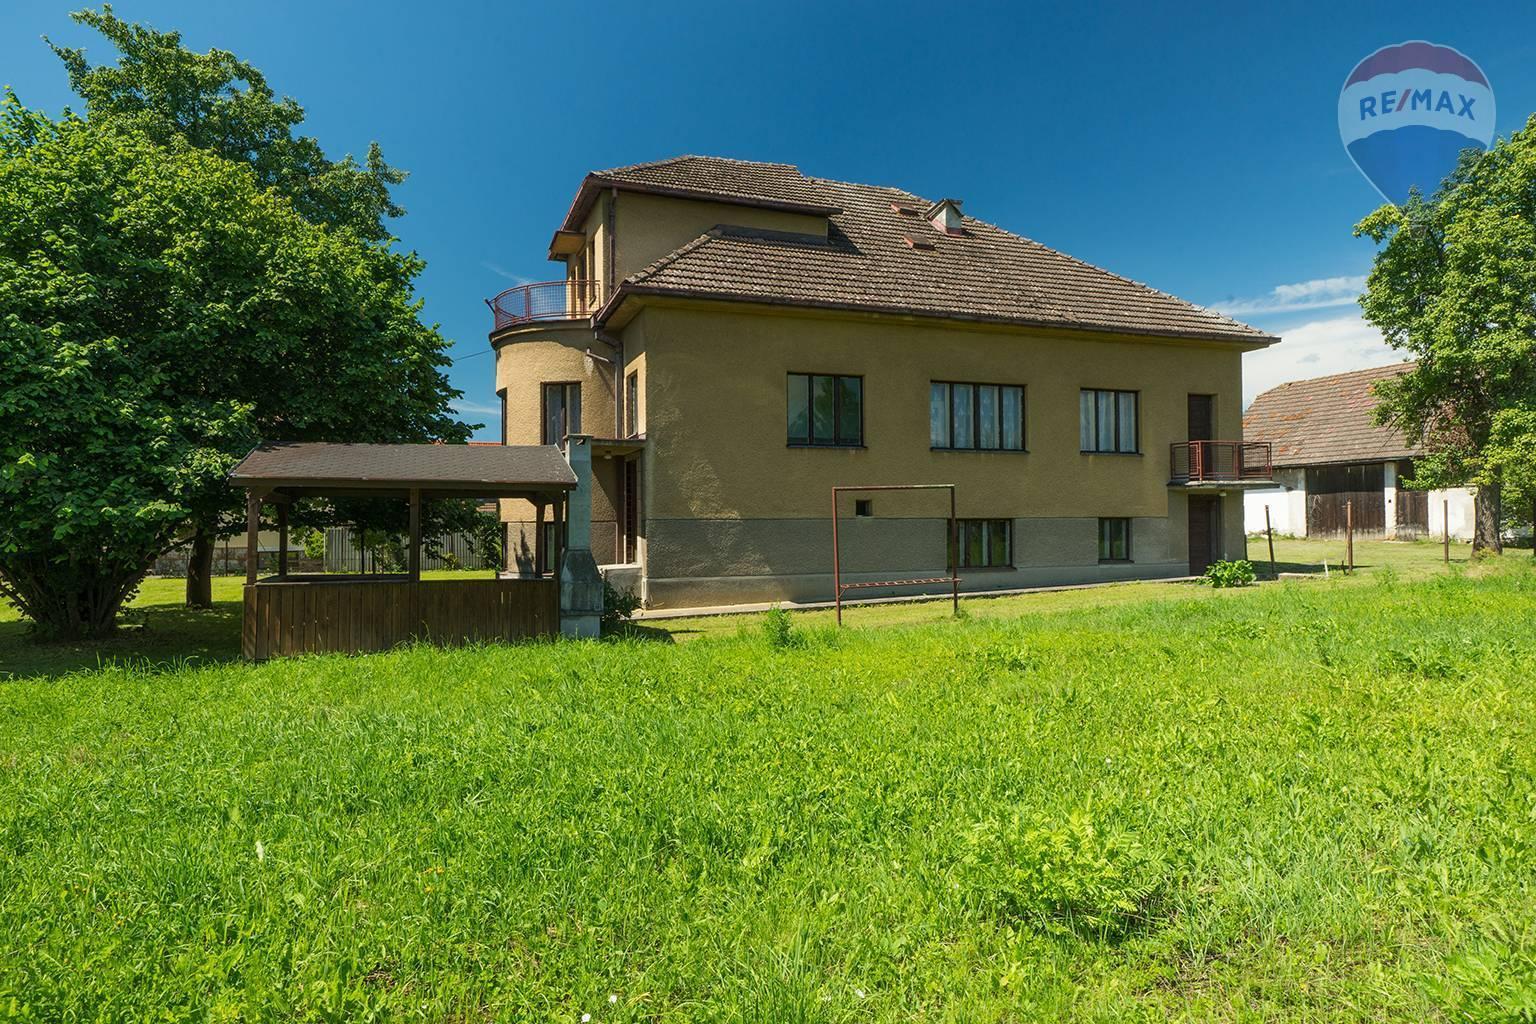 Predaj pozemku 3933 m2, Liptovská Teplá - dom